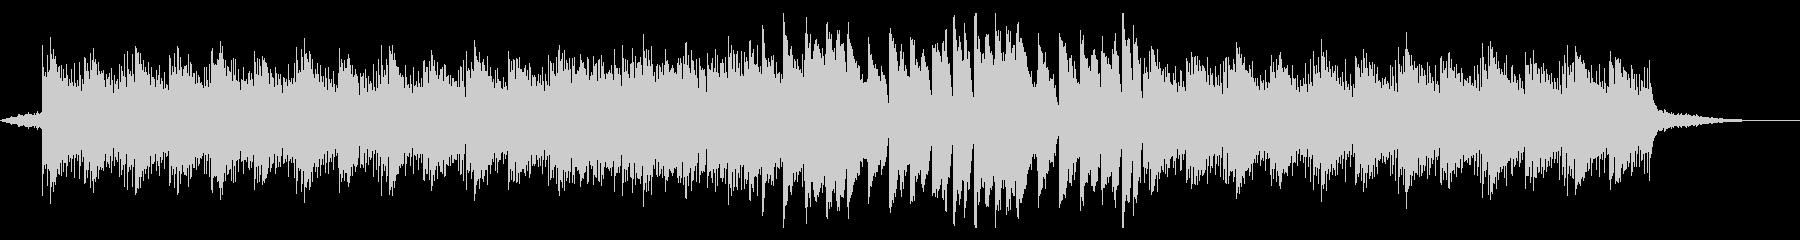 幻想的で疾走感のあるピアノ曲の未再生の波形